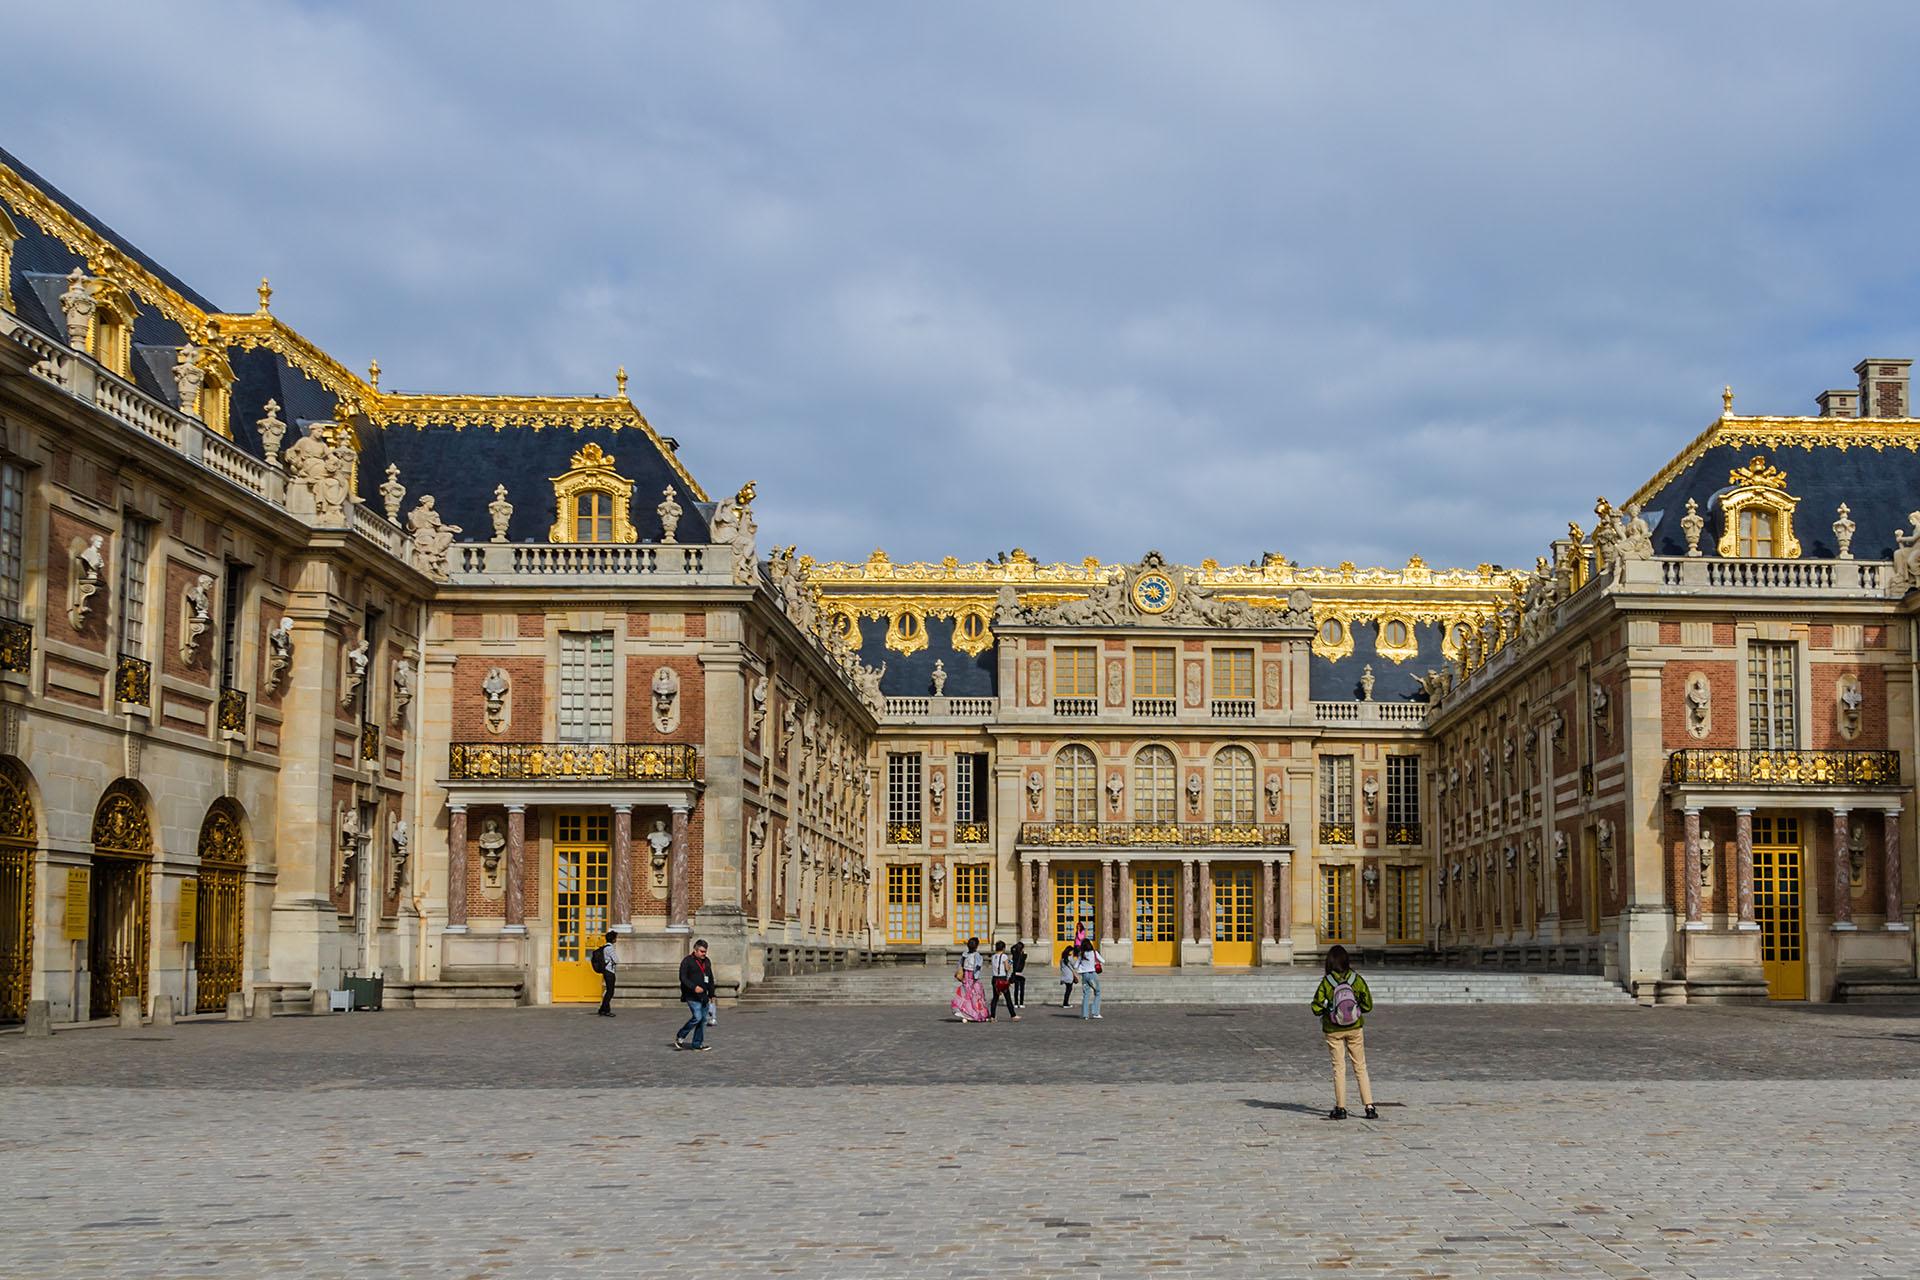 Con una imponente arquitectura y más de 800 hectáreas de jardines, el Palacio de Versalles respira historia y cultura. Es uno de los puntos turísticos más visitados de Francia